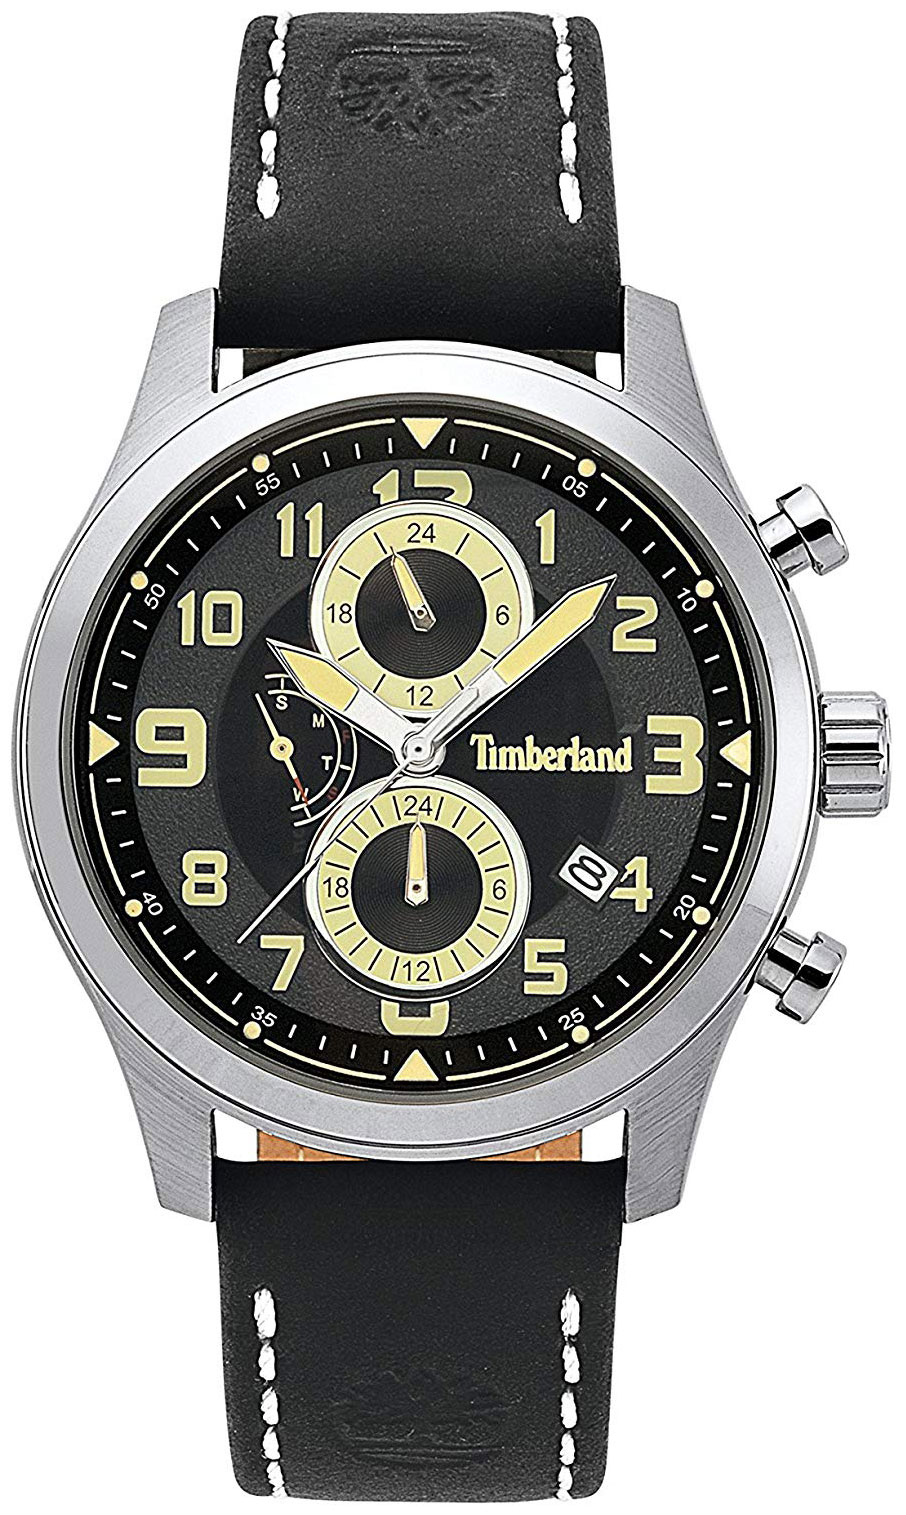 Мужские часы Timberland TBL.15357JS/02 мужские часы timberland tbl 14399xs 02